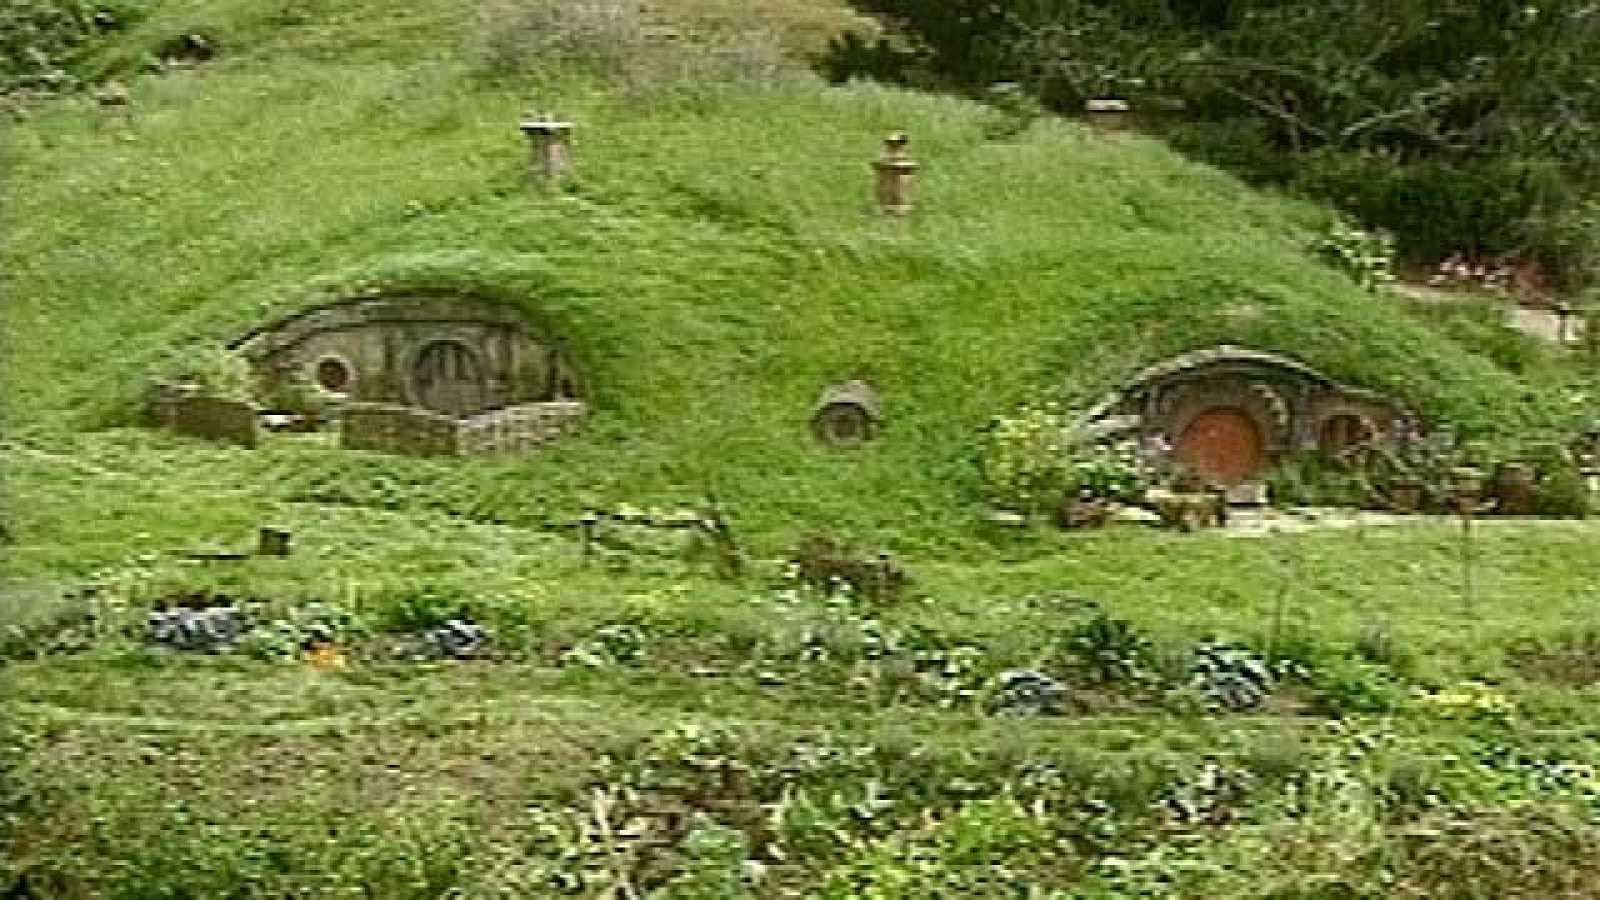 Rodaje De El Hobbit En La Comarca De Bilbo Bolson